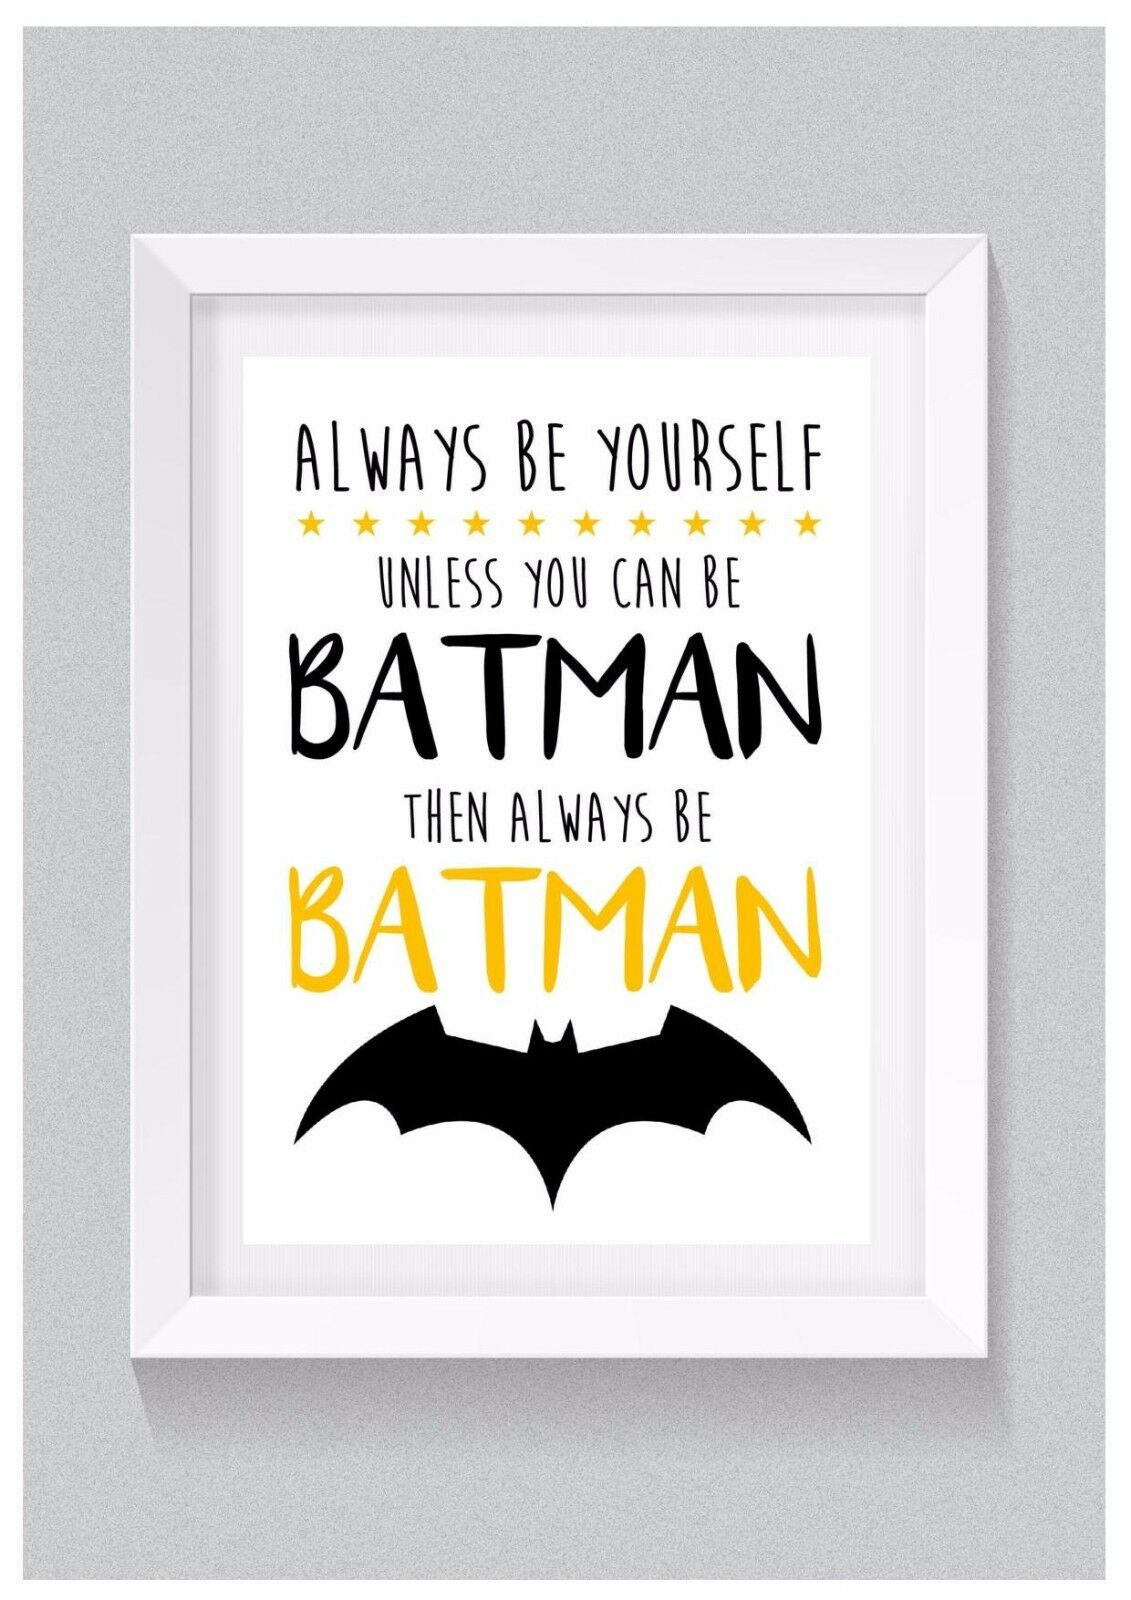 A4 personalizado de impresión: siempre ser Batman (Dormitorio De Niños/decoración infantil) Superhéroe